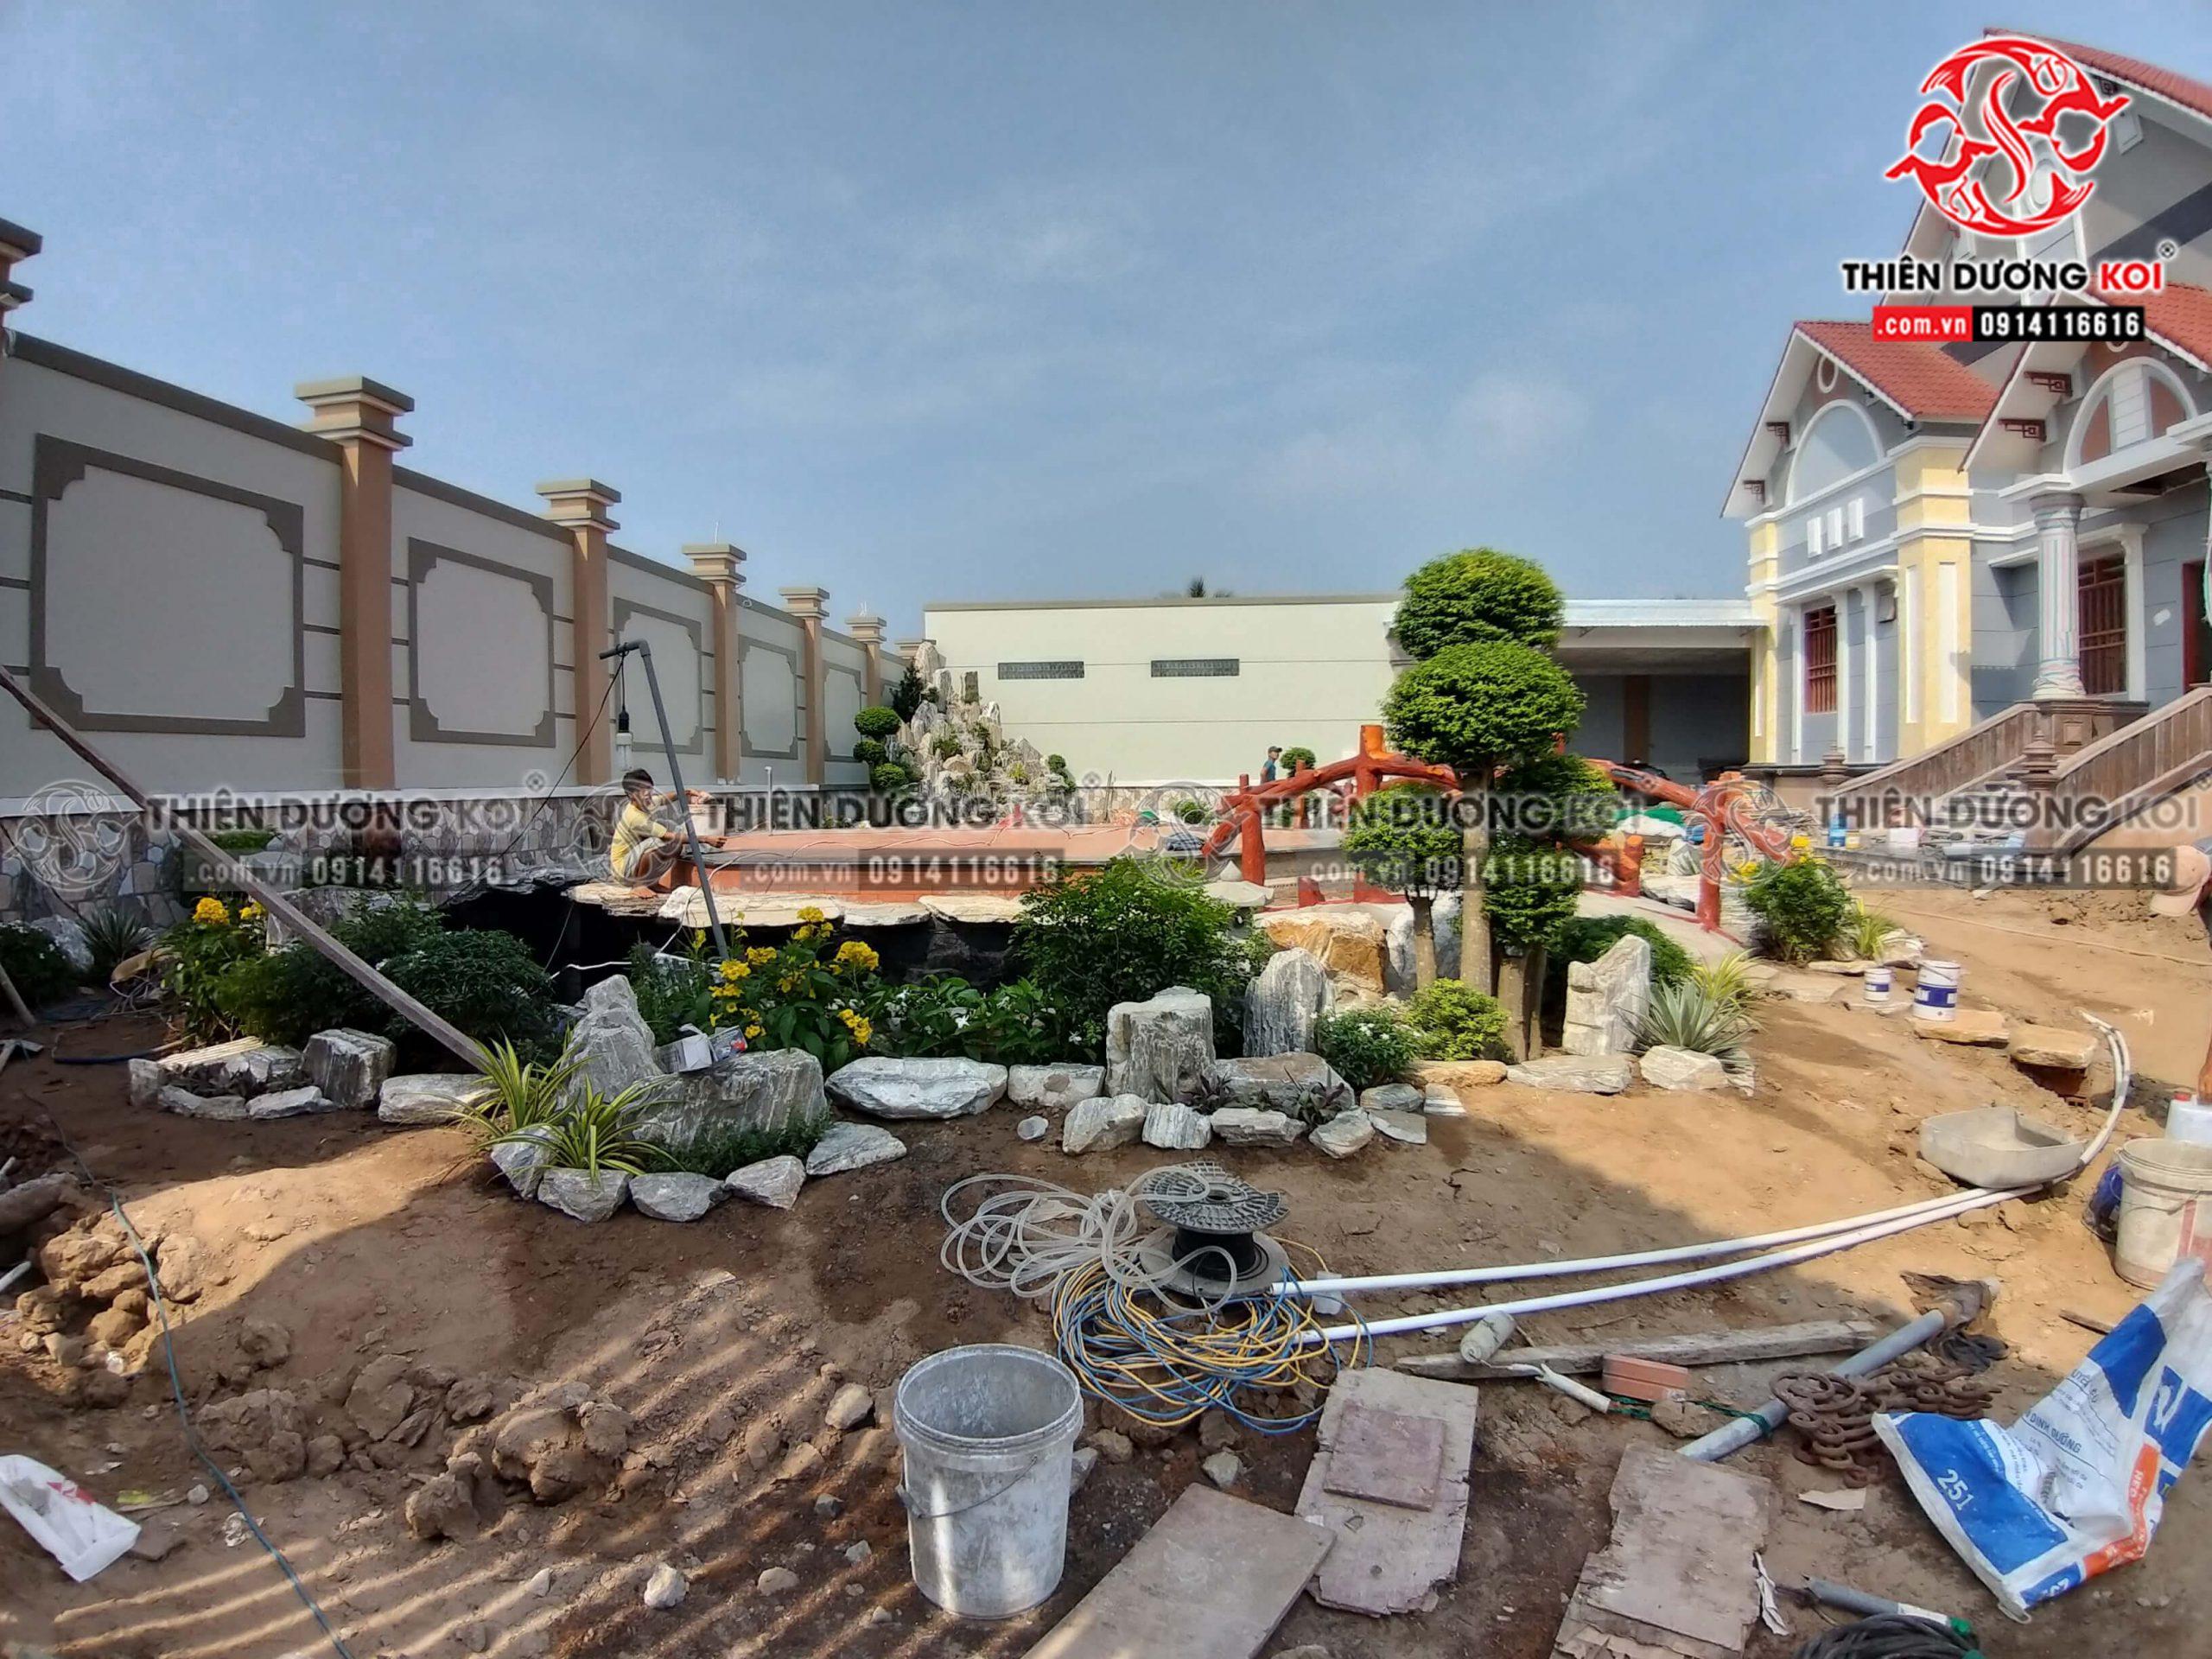 Quá trình xây dựng công trình hồ cá koi tại tỉnh Bến Tre